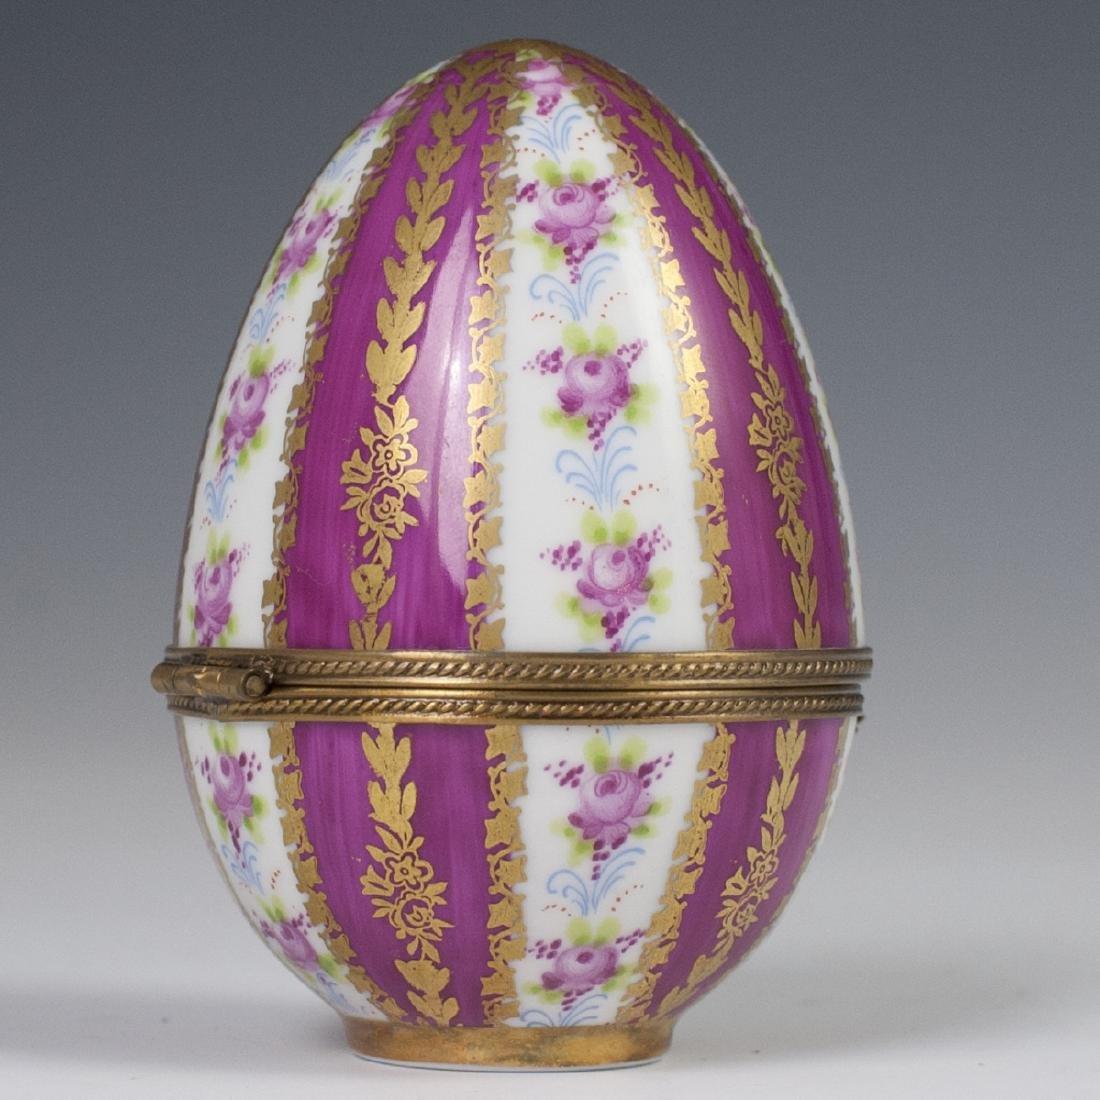 Limoges Porcelain Egg Trinket Box - 2